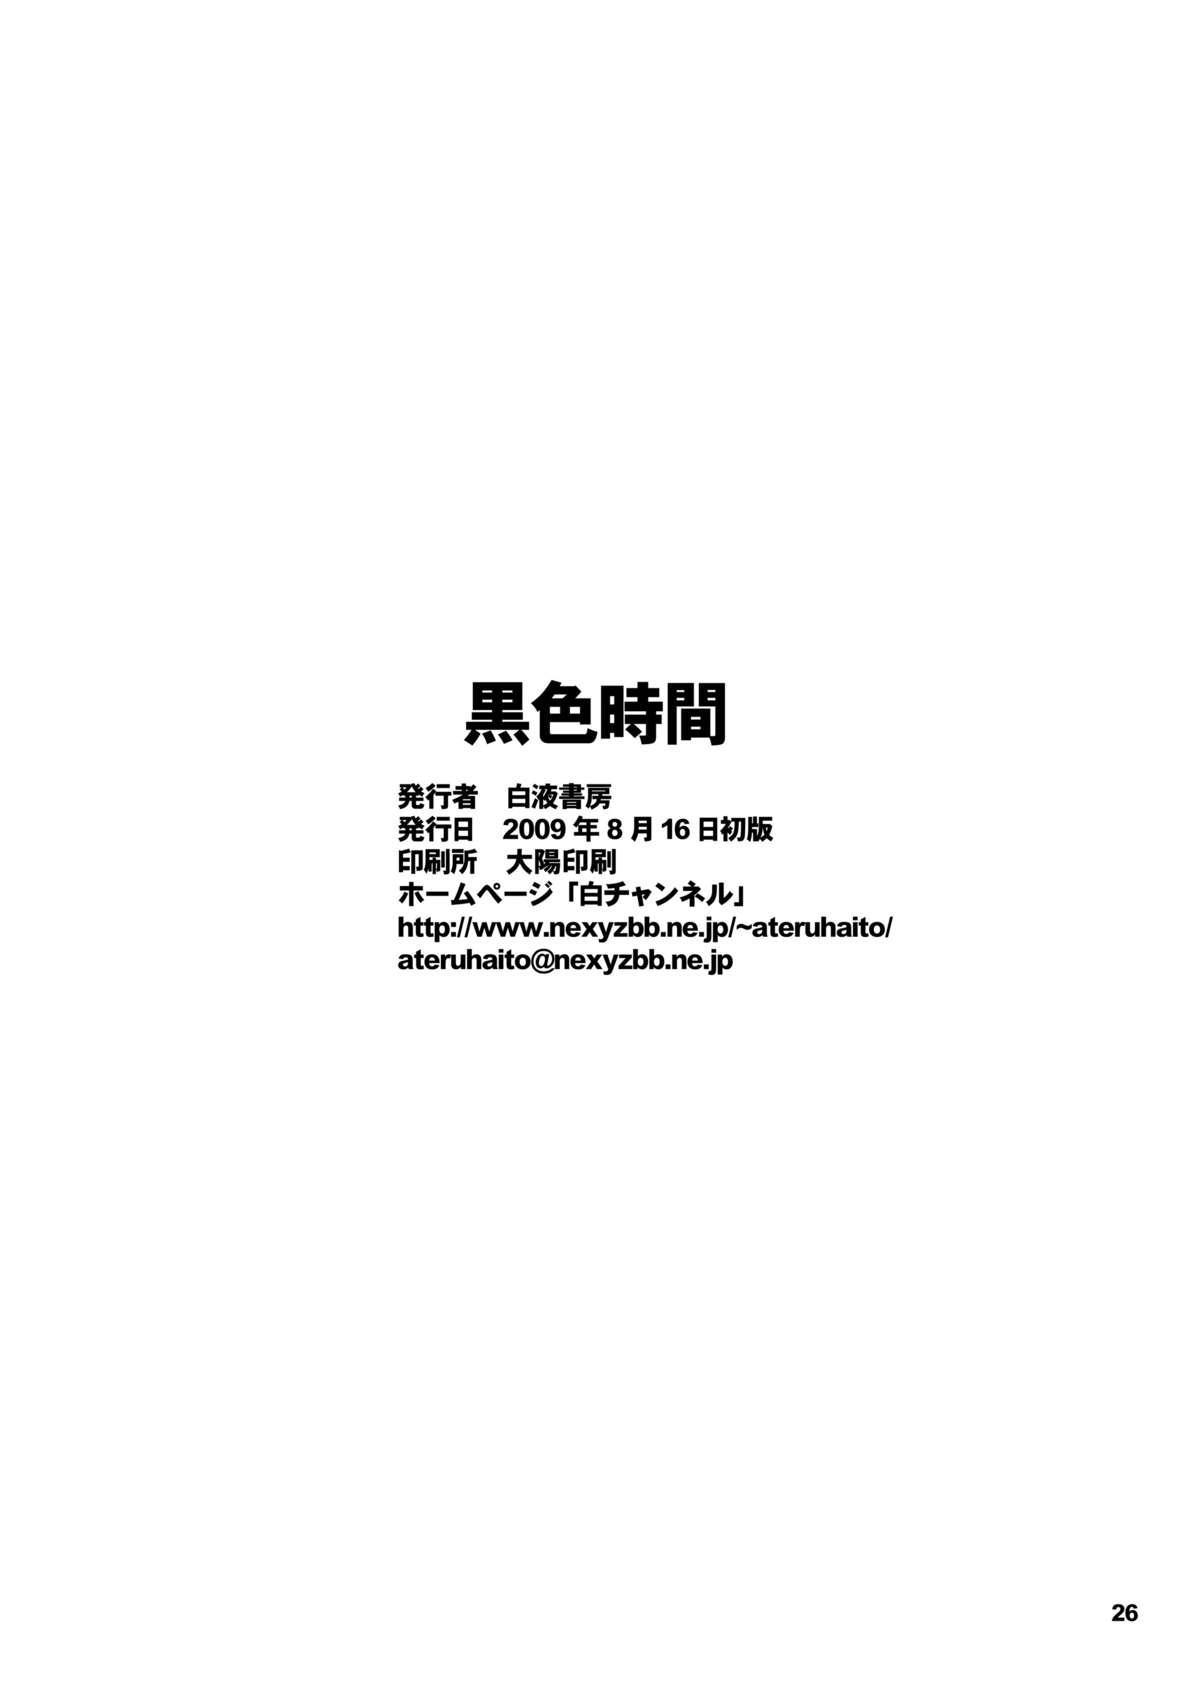 Kuroiro Jikan - Black Time 24